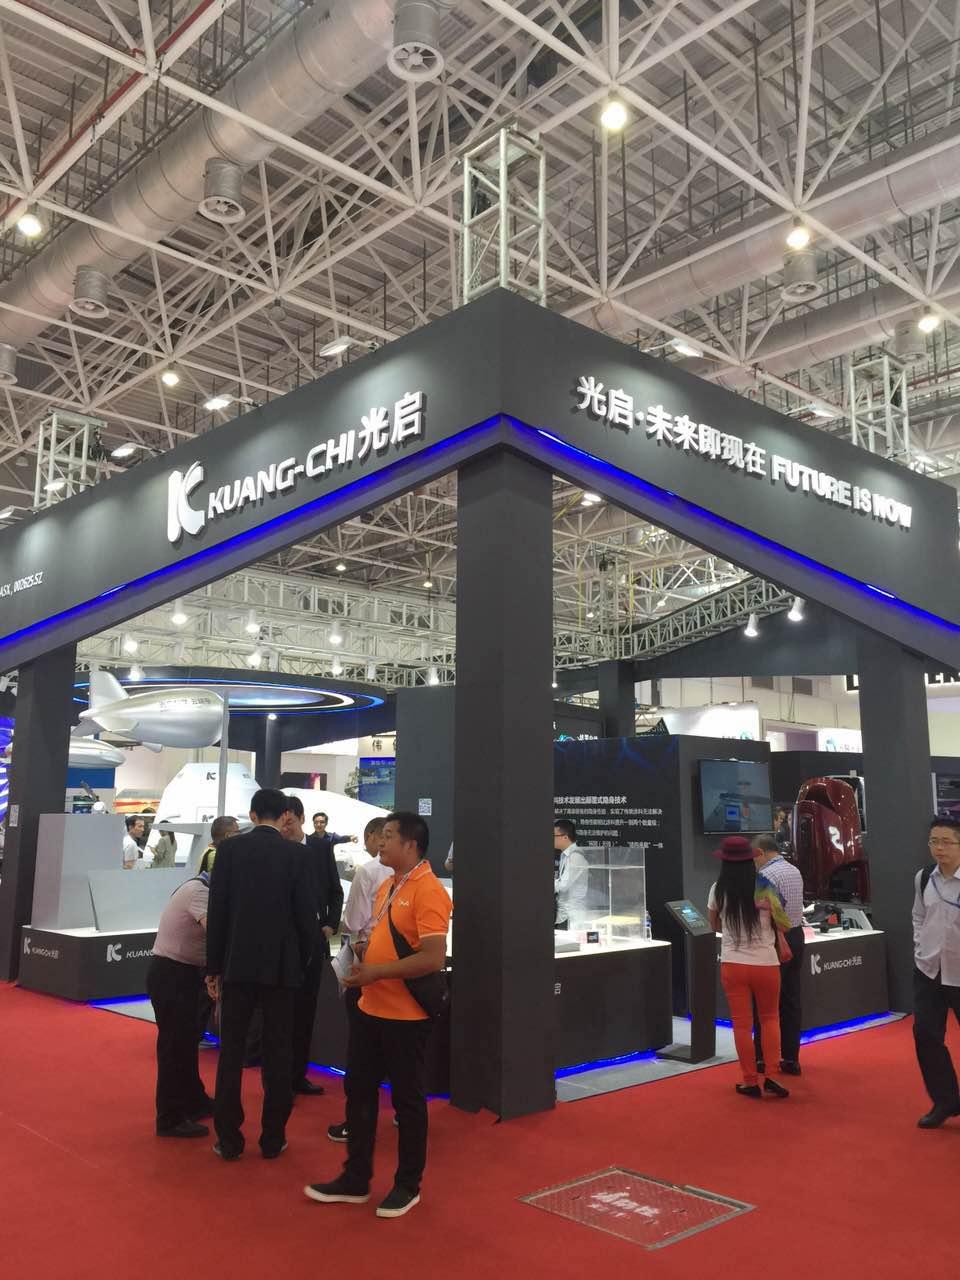 光启珠海航展首秀 超材料、未来技术展示颠覆式创新实力